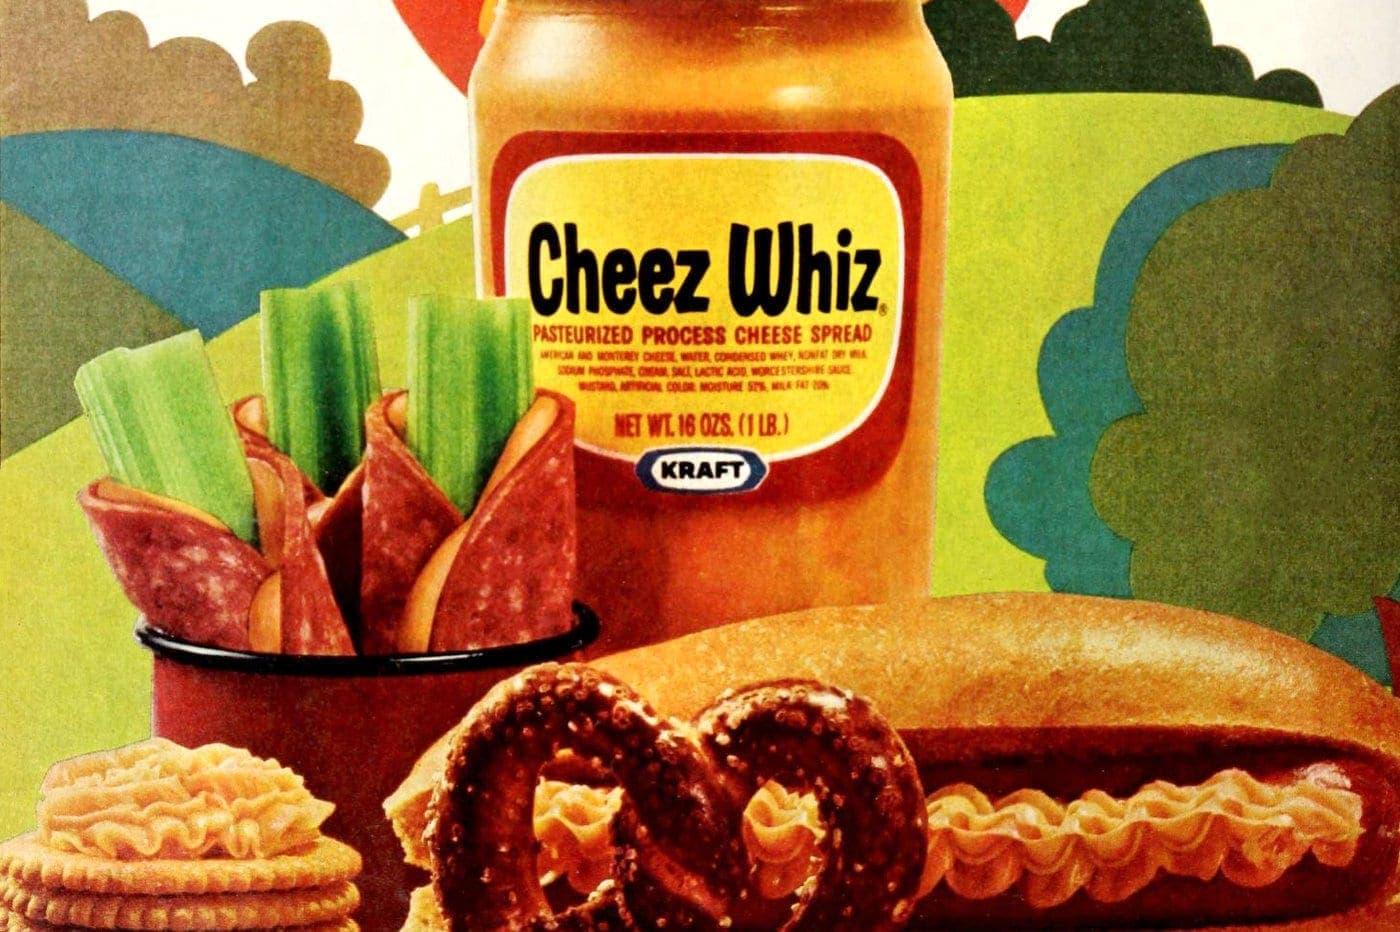 Vintage Cheez Whiz recipes